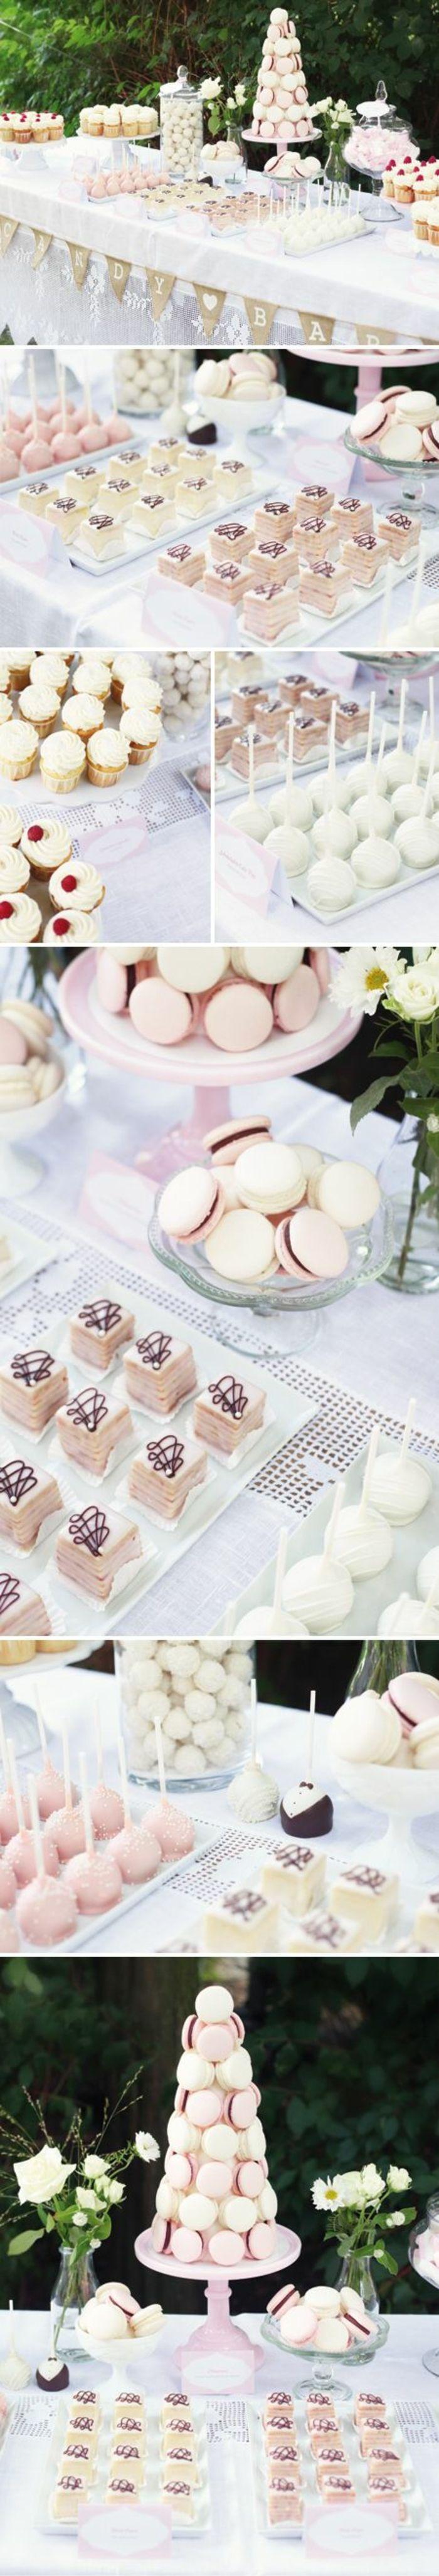 1001 astuces et id es pour organiser un candy bar mariage. Black Bedroom Furniture Sets. Home Design Ideas